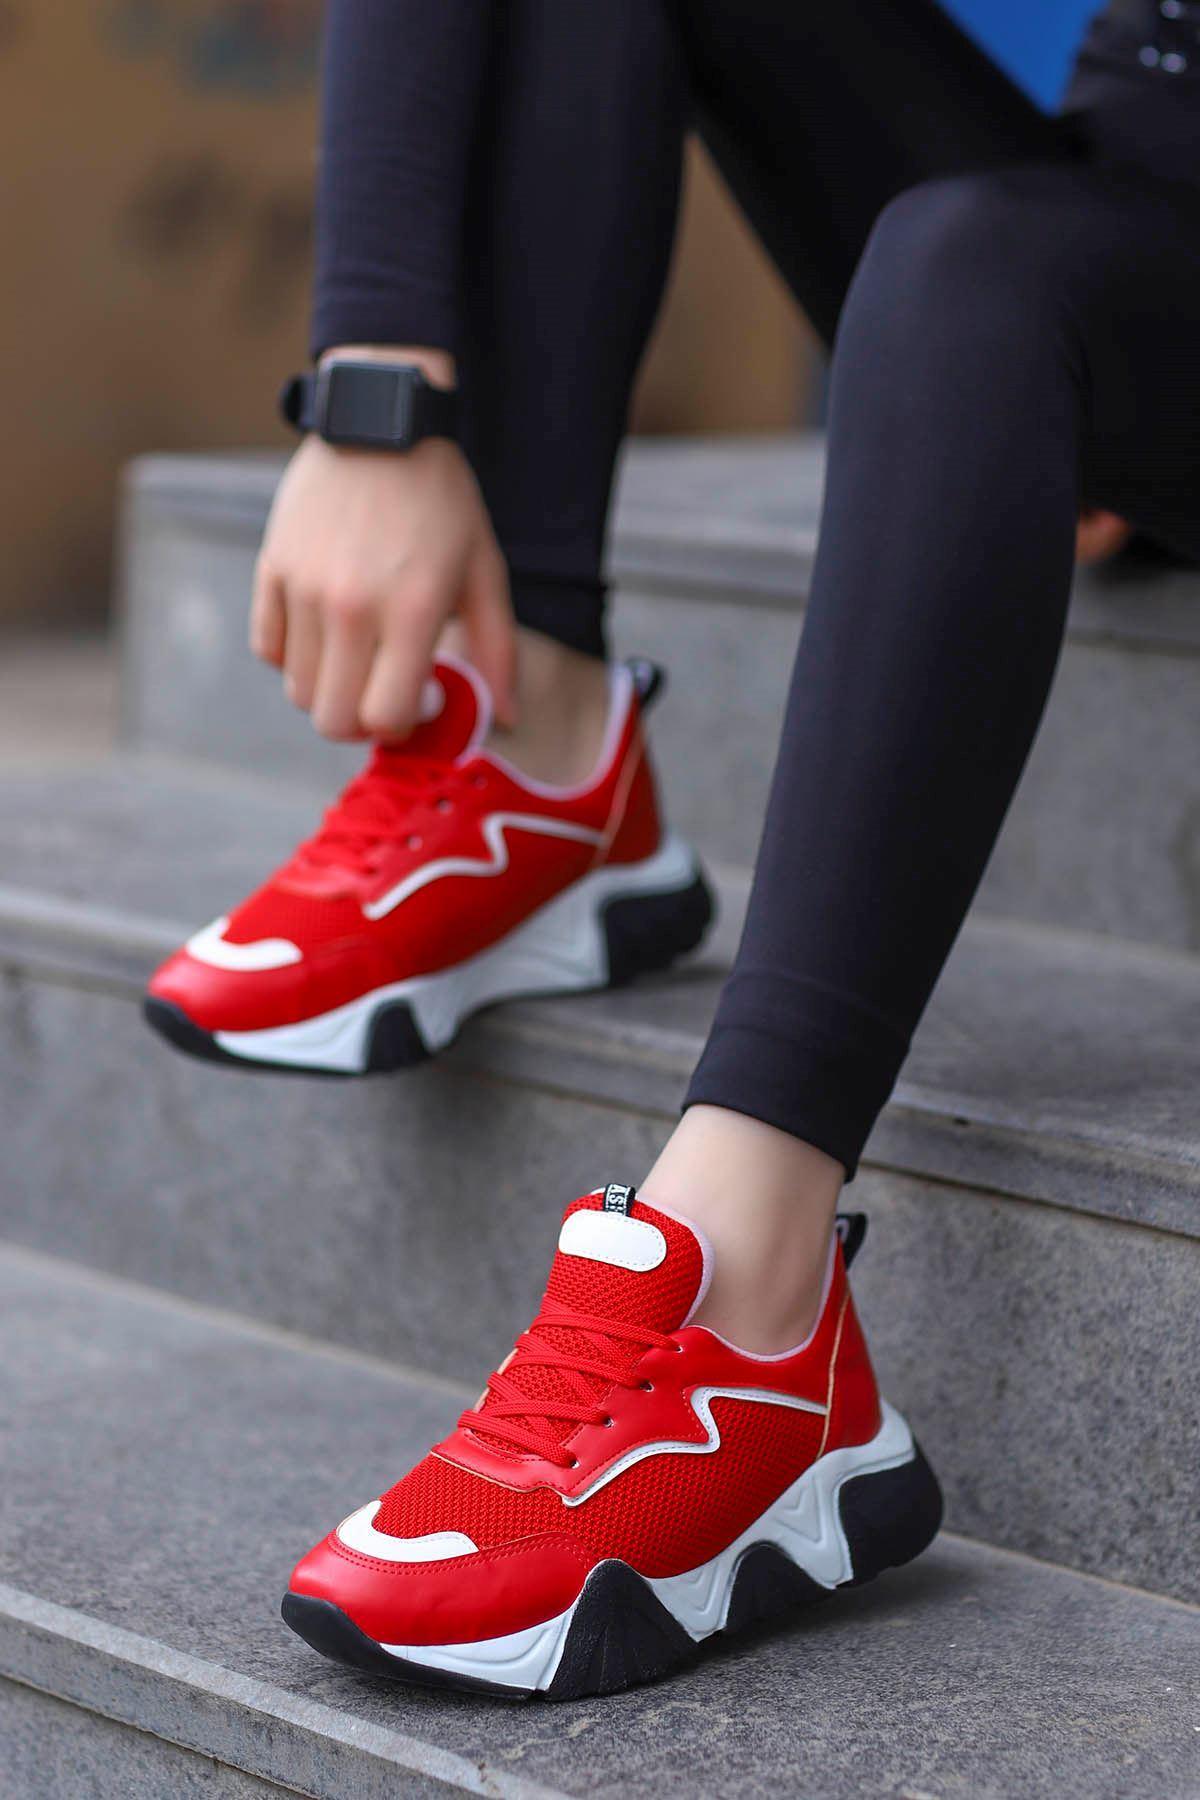 Steel Tabanlı Spor Ayakkabı Kırmızı Anorak